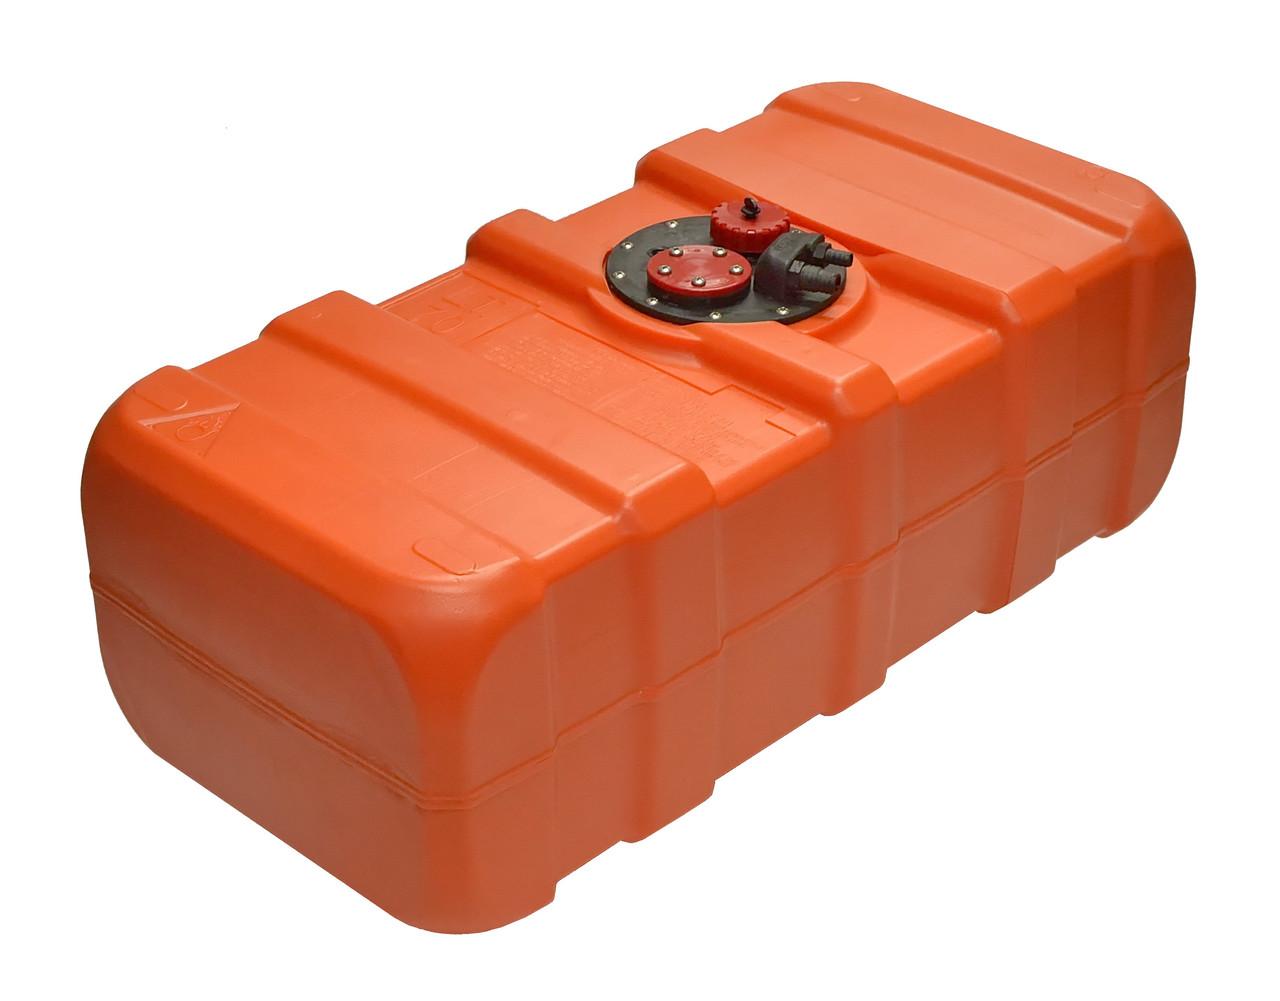 Топливный бак 33 литра  из полиэтилена Eltex 35х50хH26см для лодки, катера, яхты